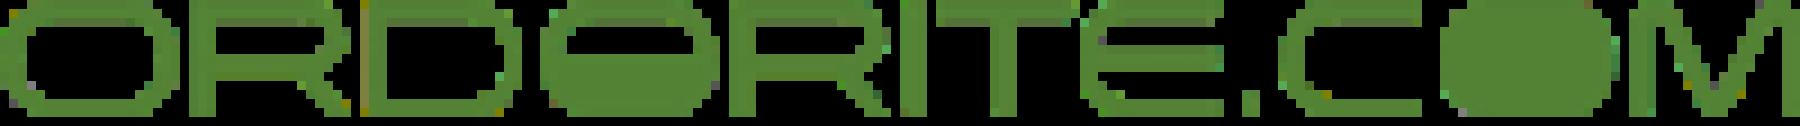 Ordorite